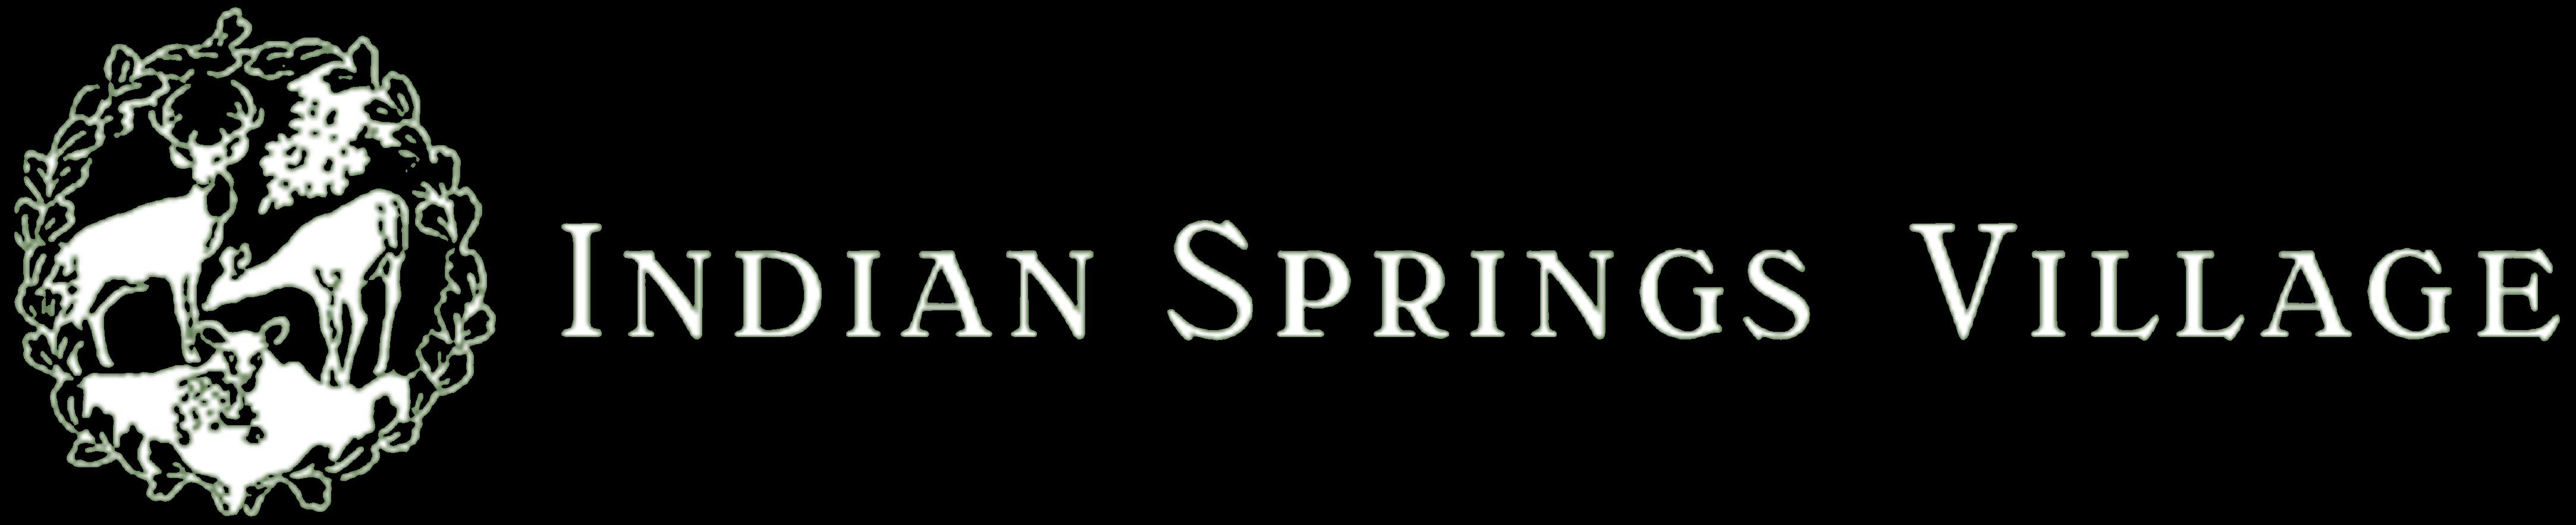 Indian Springs Village logo